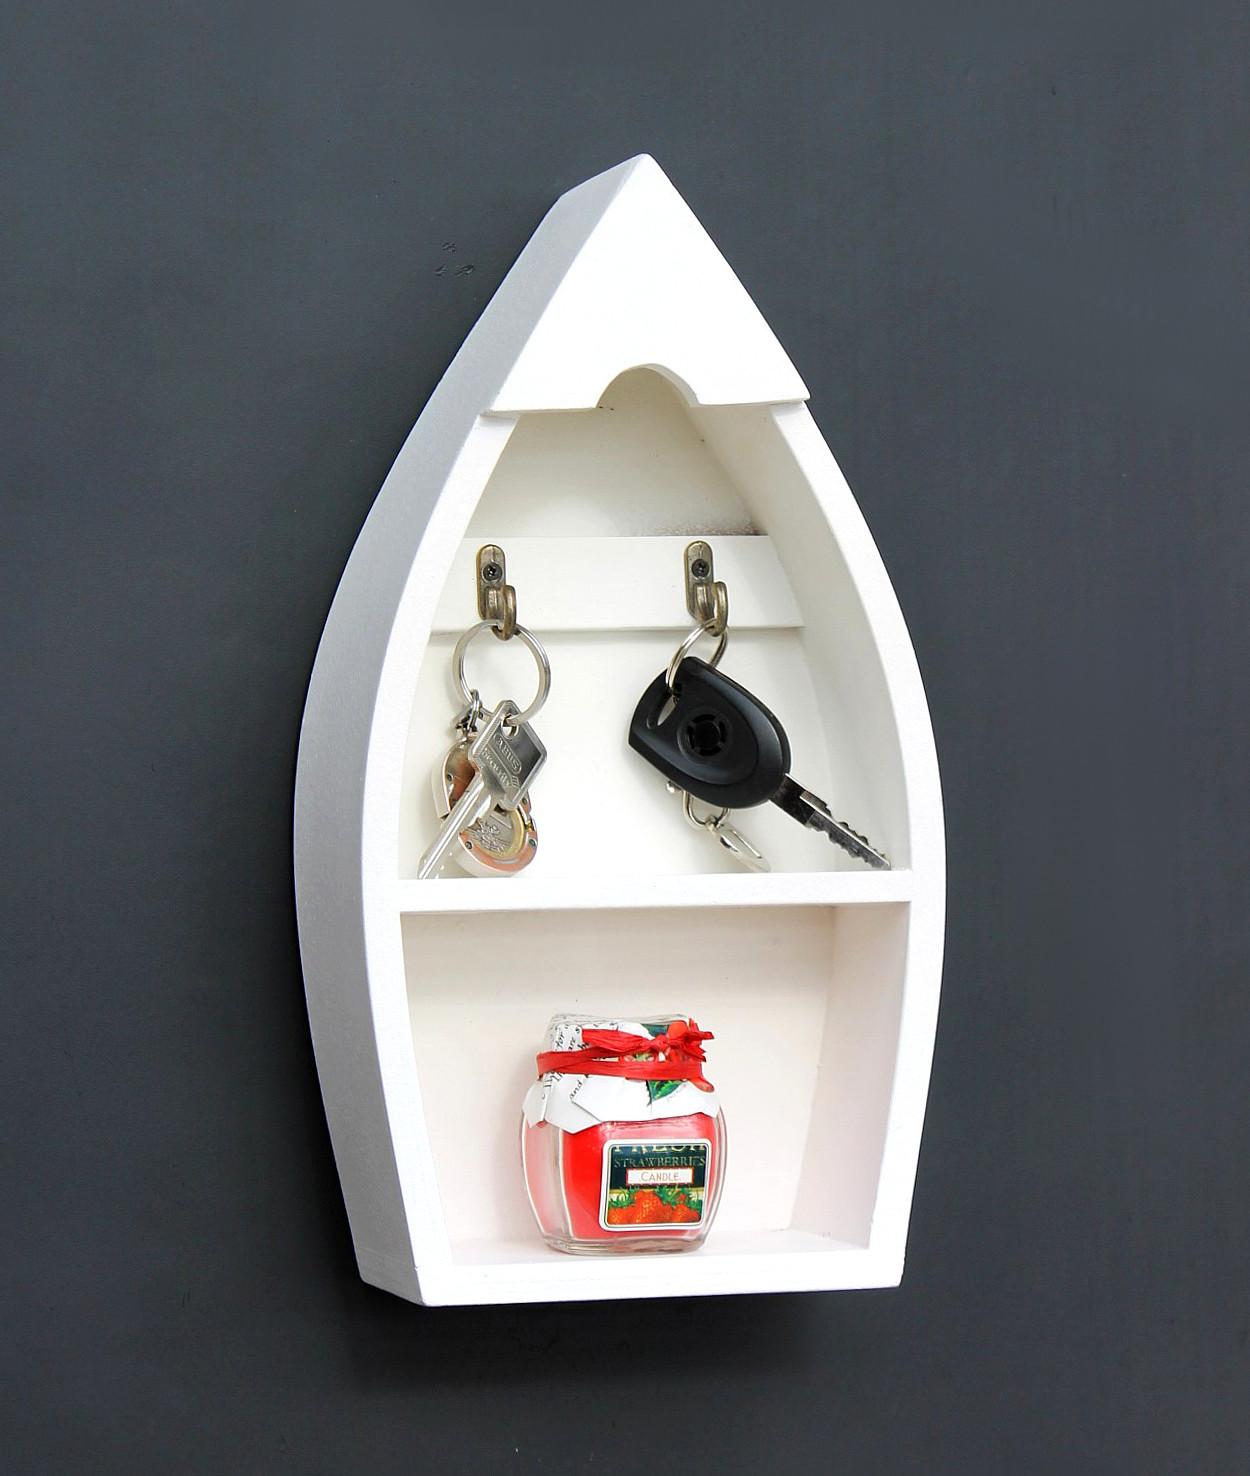 schl sselboard mit ablage boot 93541 s schl sselhaken wandregal 30 cm schl sselleiste. Black Bedroom Furniture Sets. Home Design Ideas